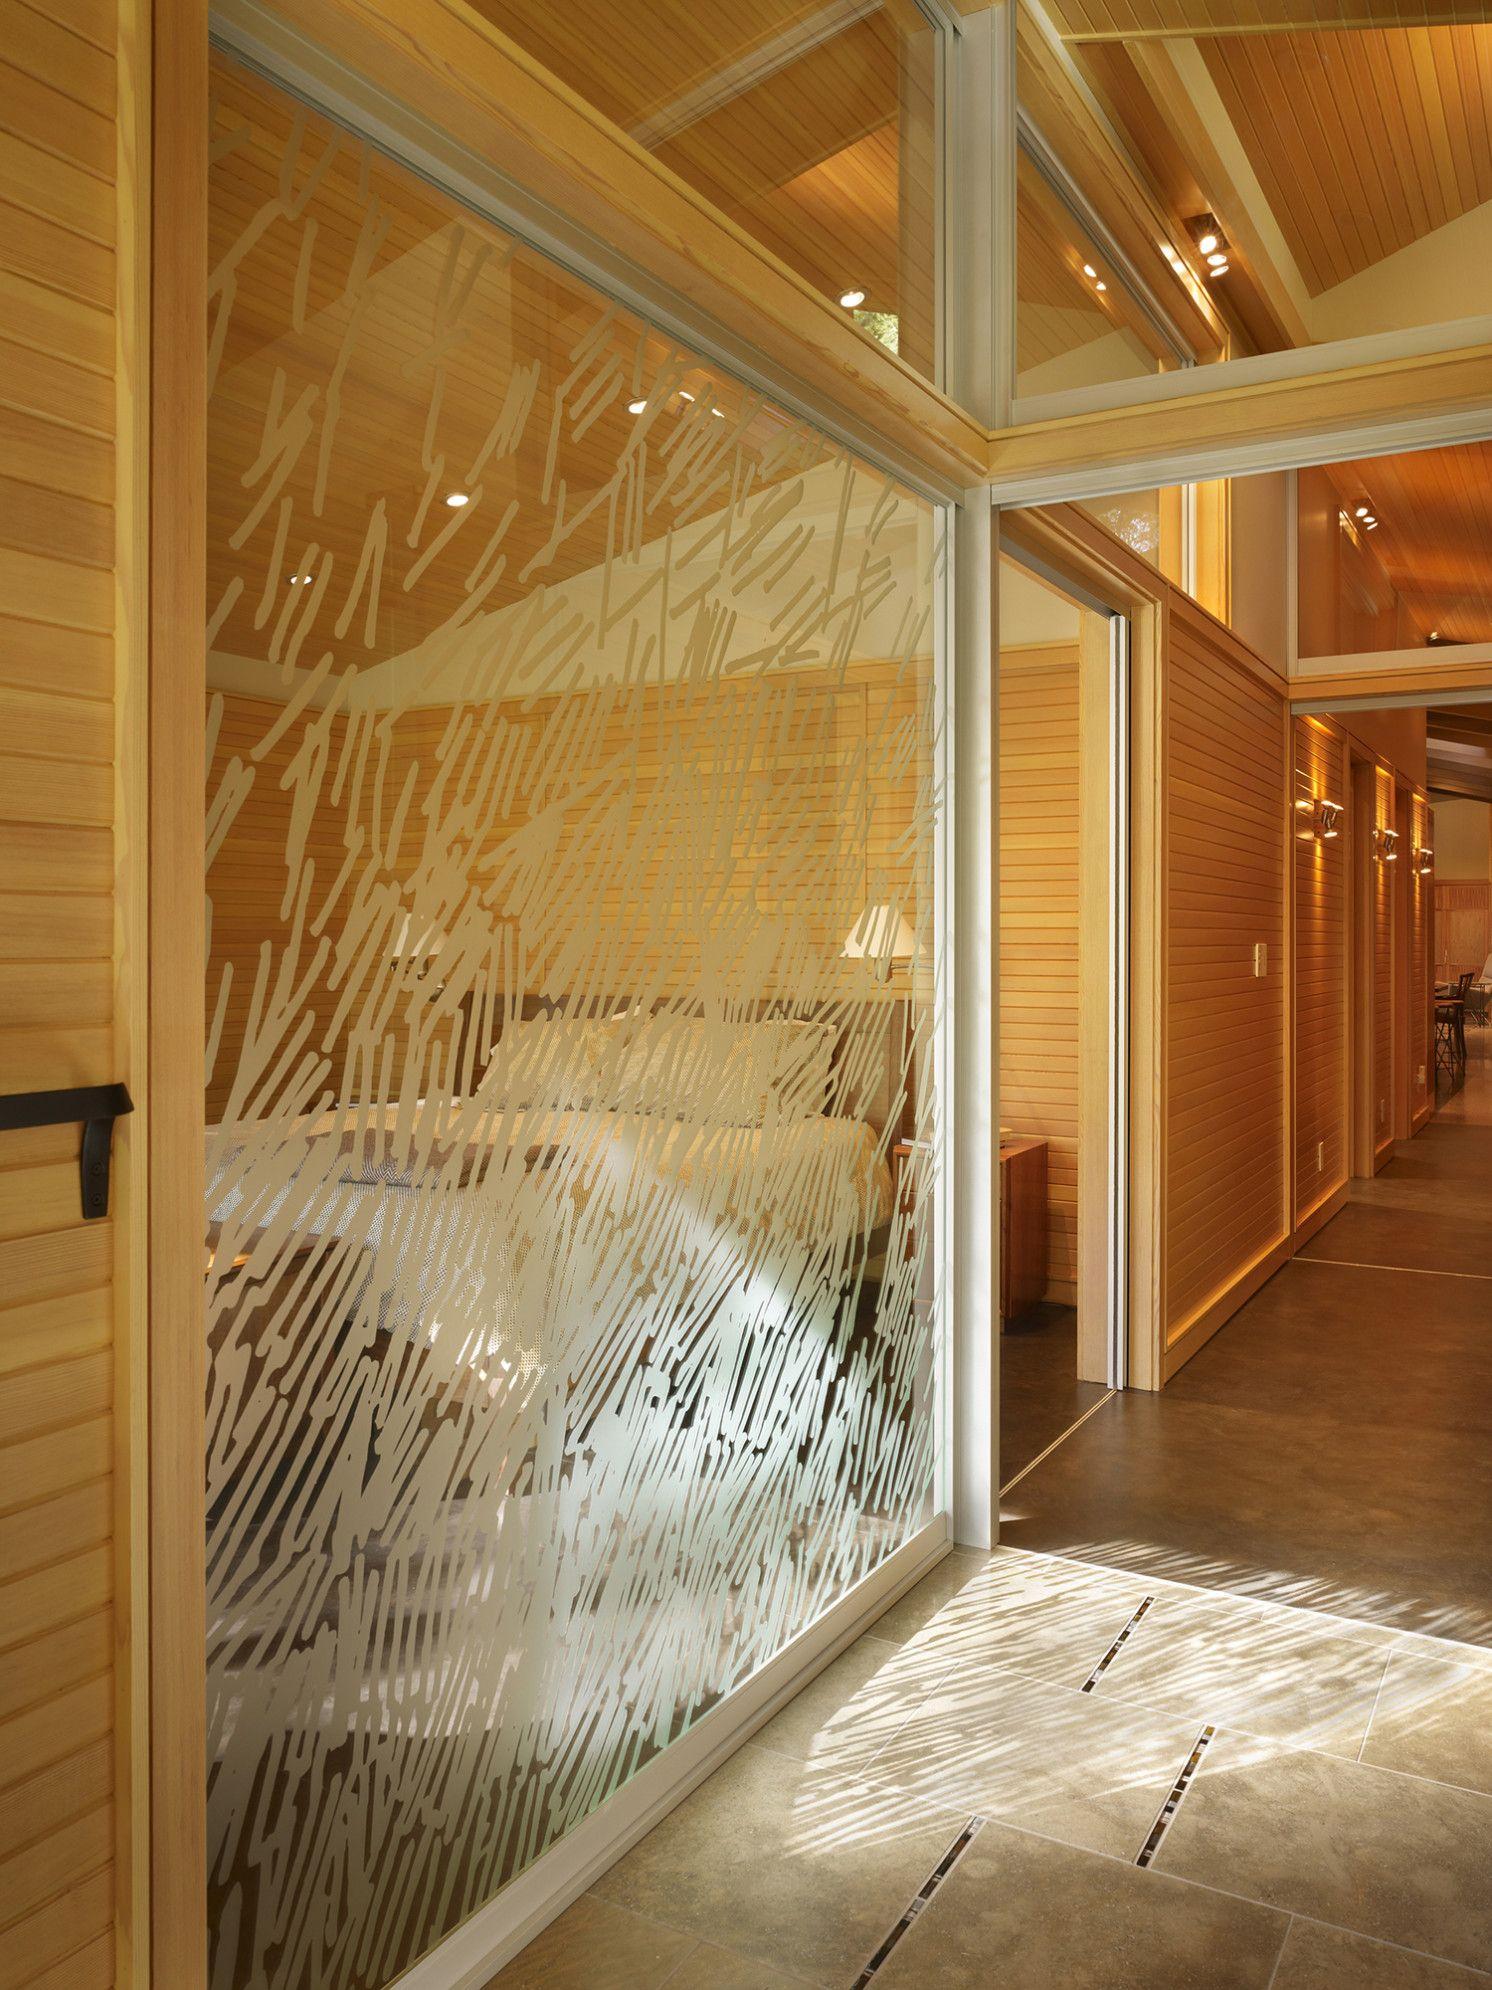 Les cloisons vitrées maintiennent l'espace fluide et visuellement indivisible